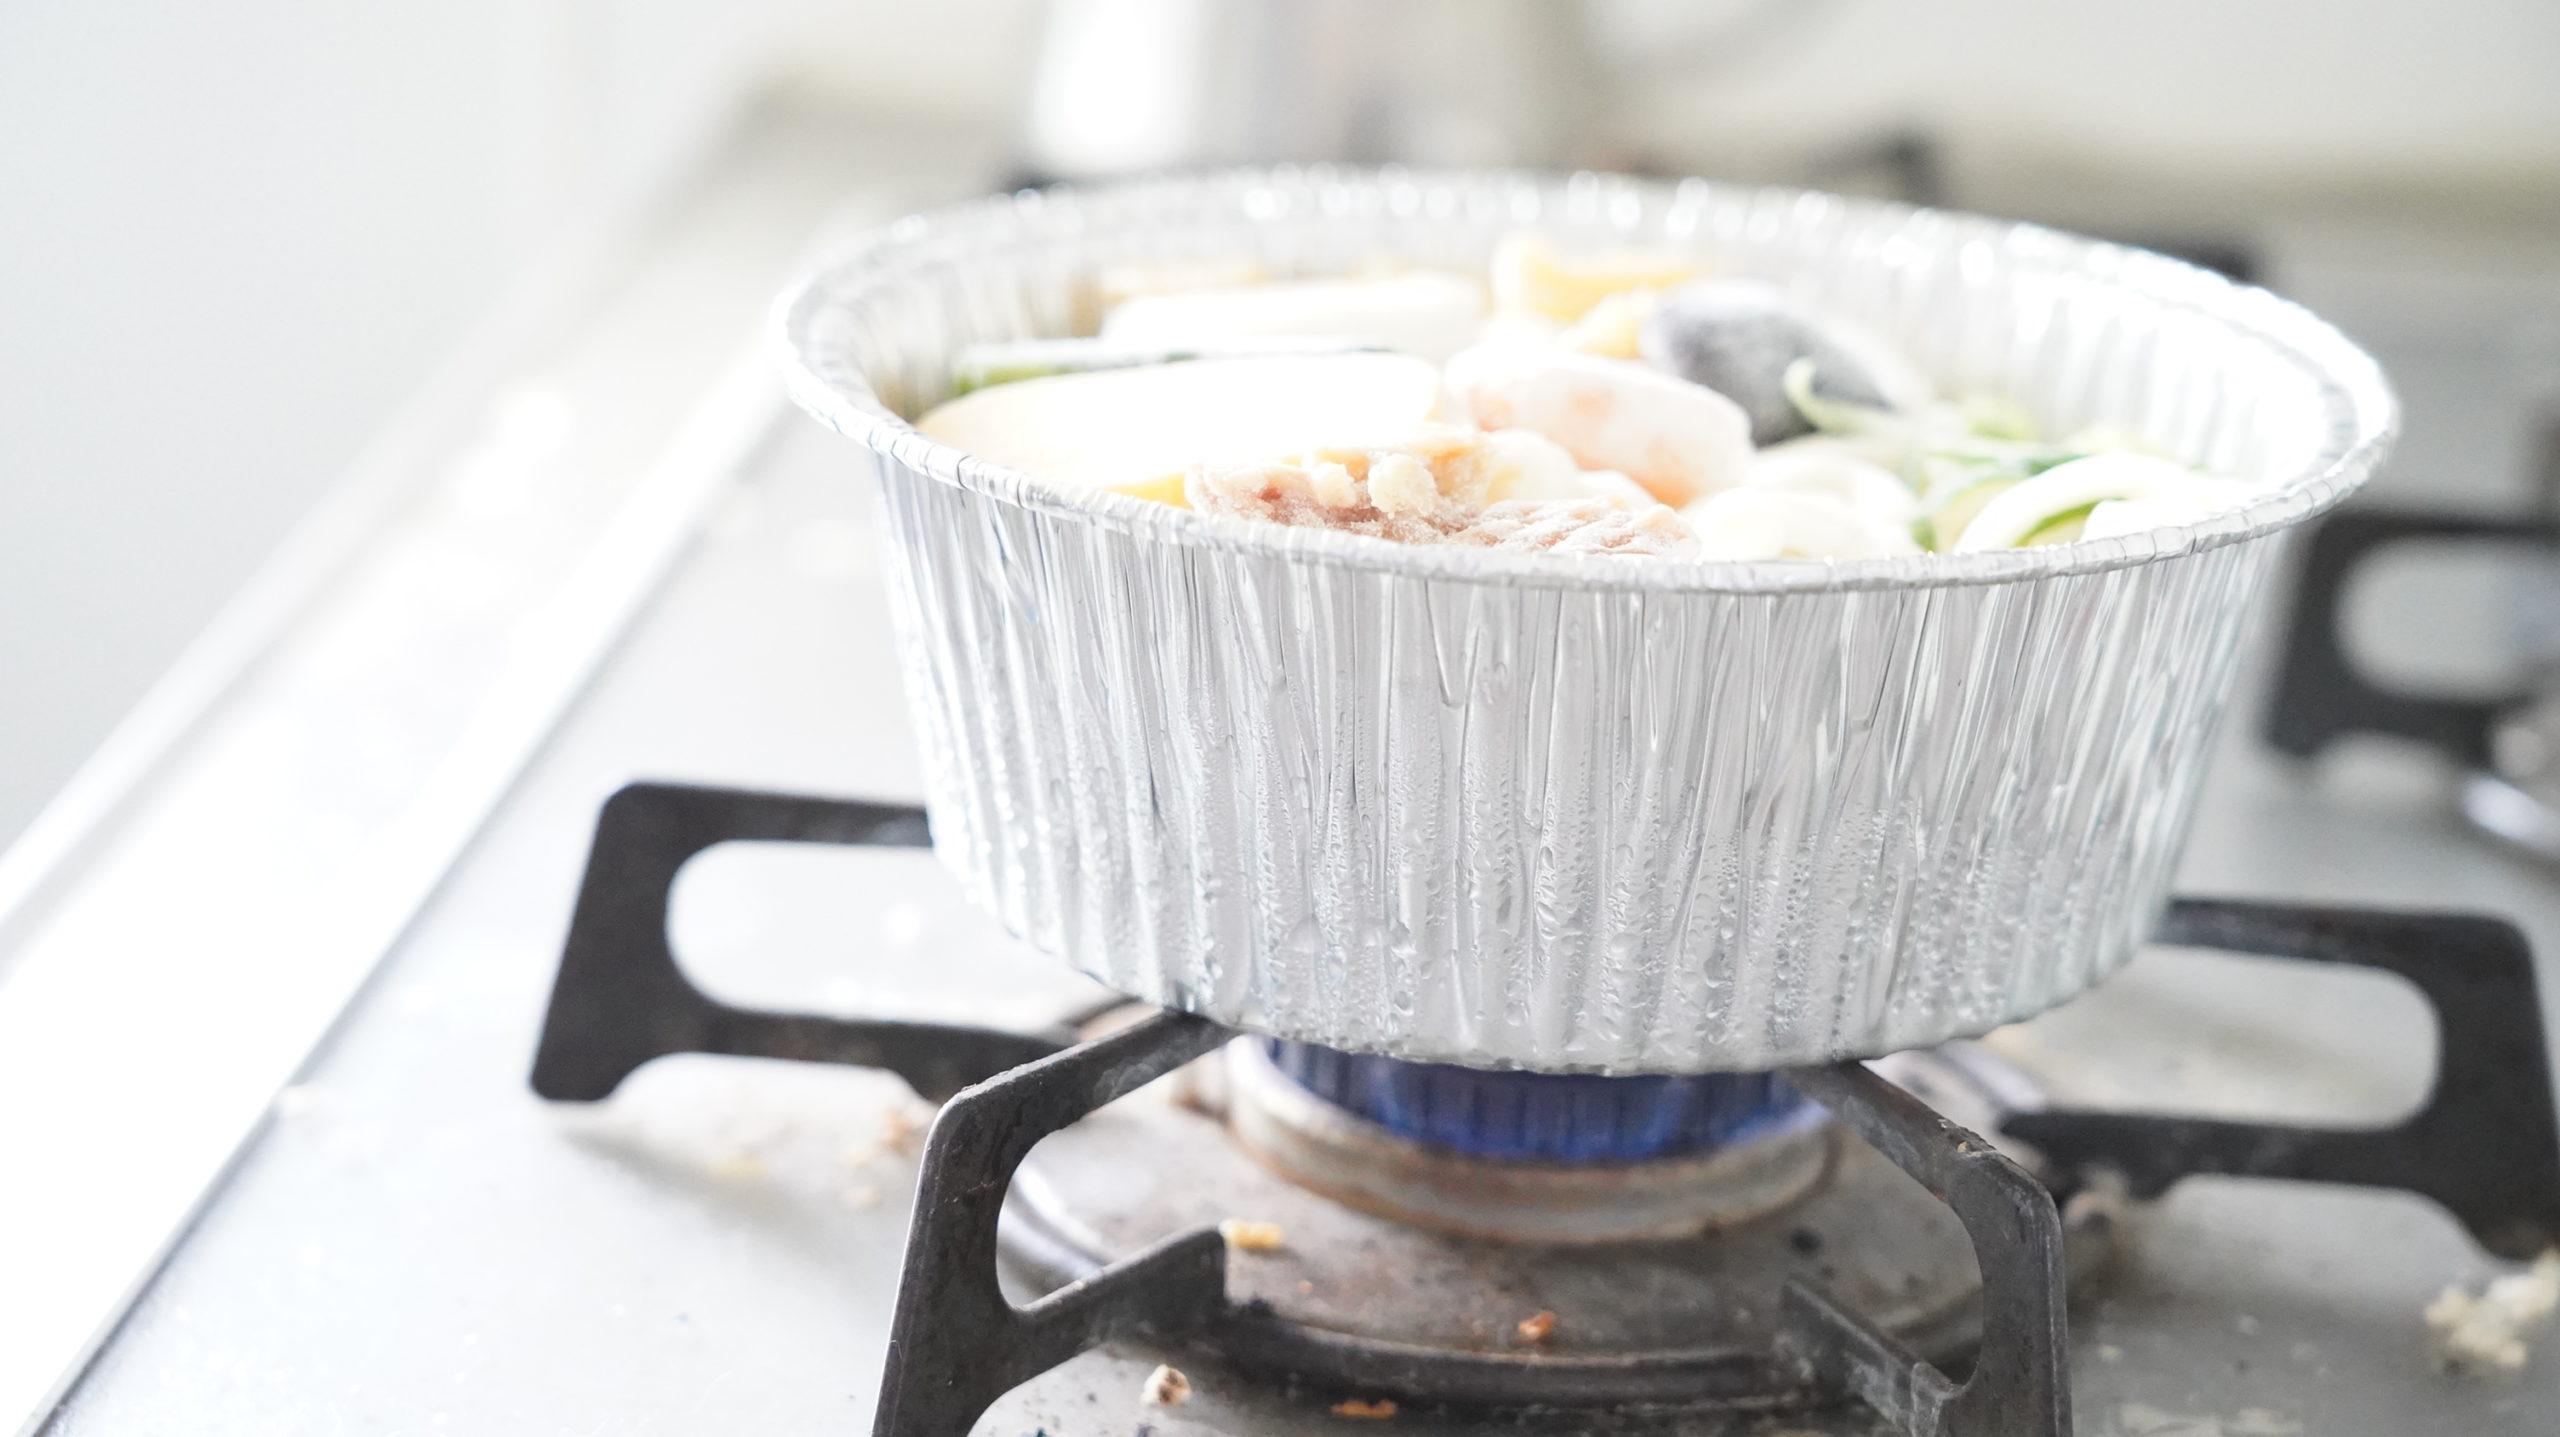 セブンイレブンの冷凍食品「関西風だし・鍋焼うどん」をガスコンロで加熱している写真